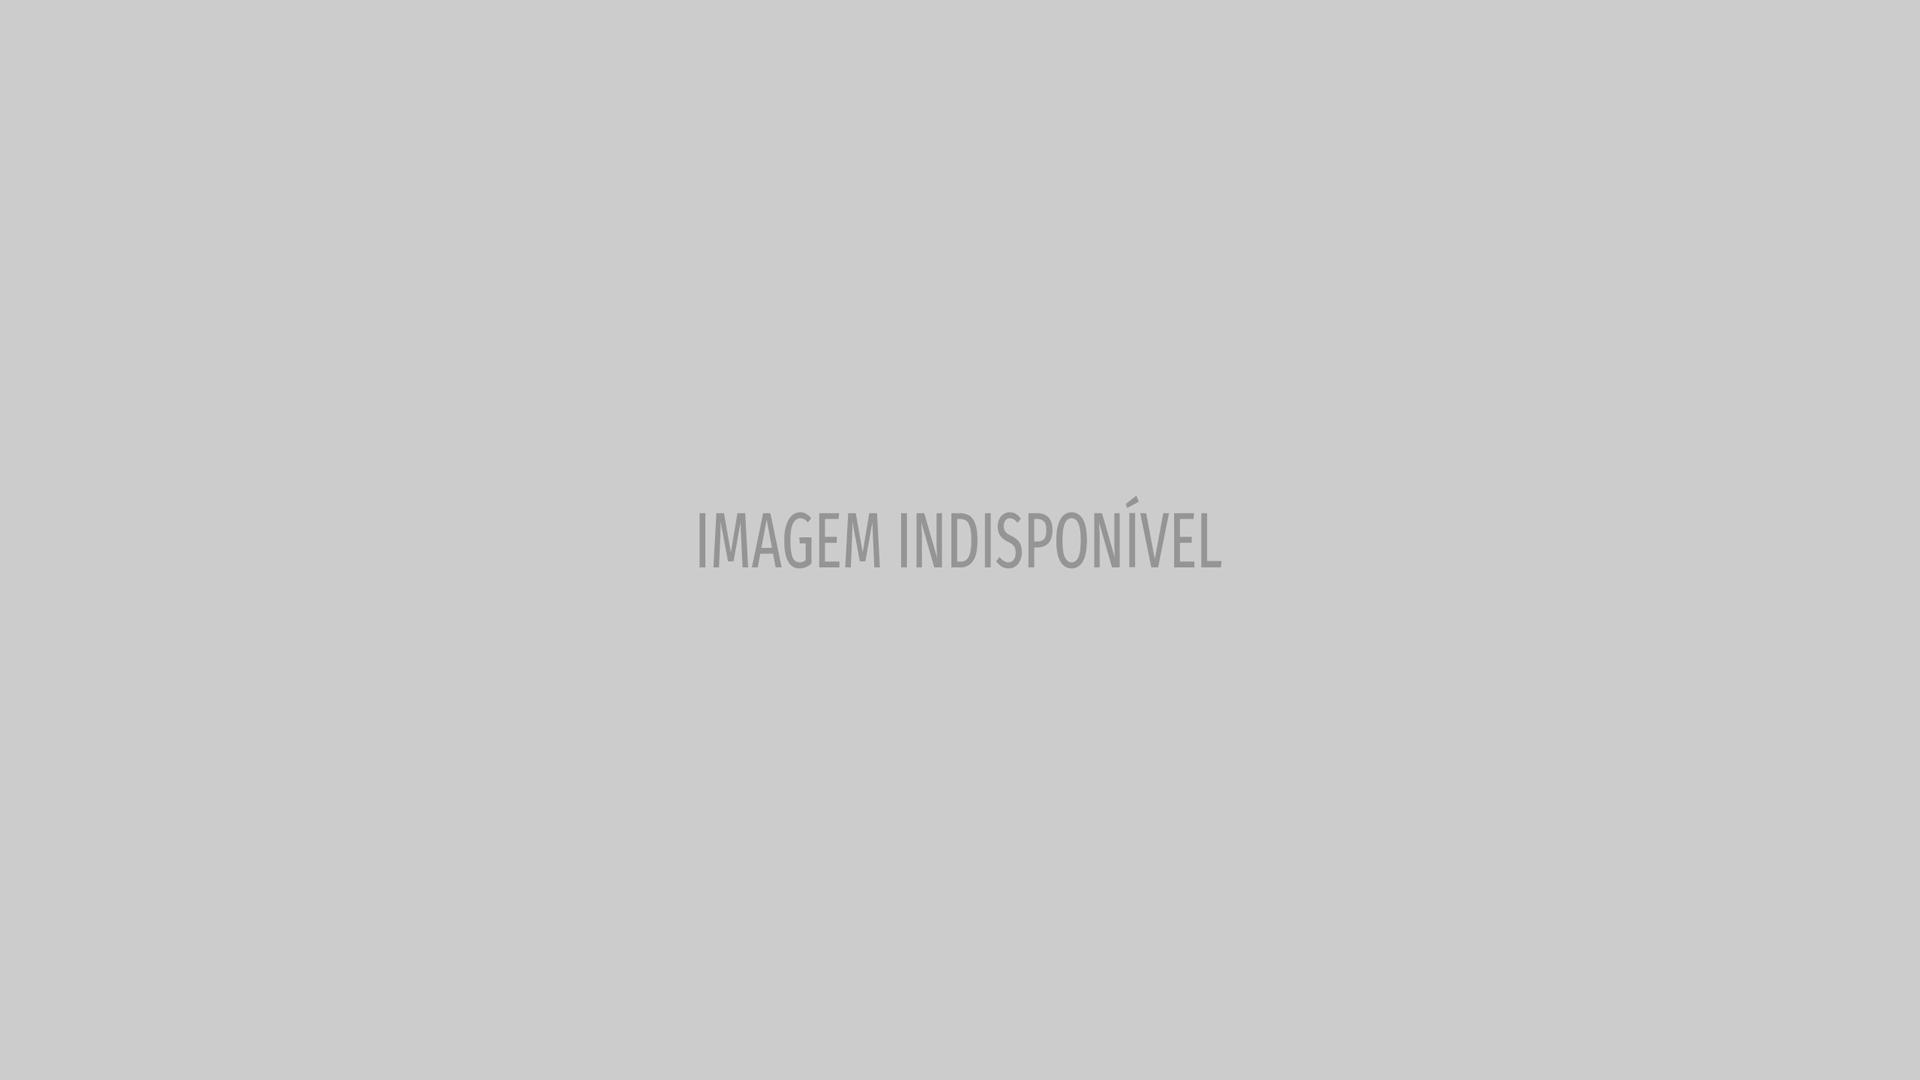 Objeto extraterrestre faz cientistas repensaram origem no universo